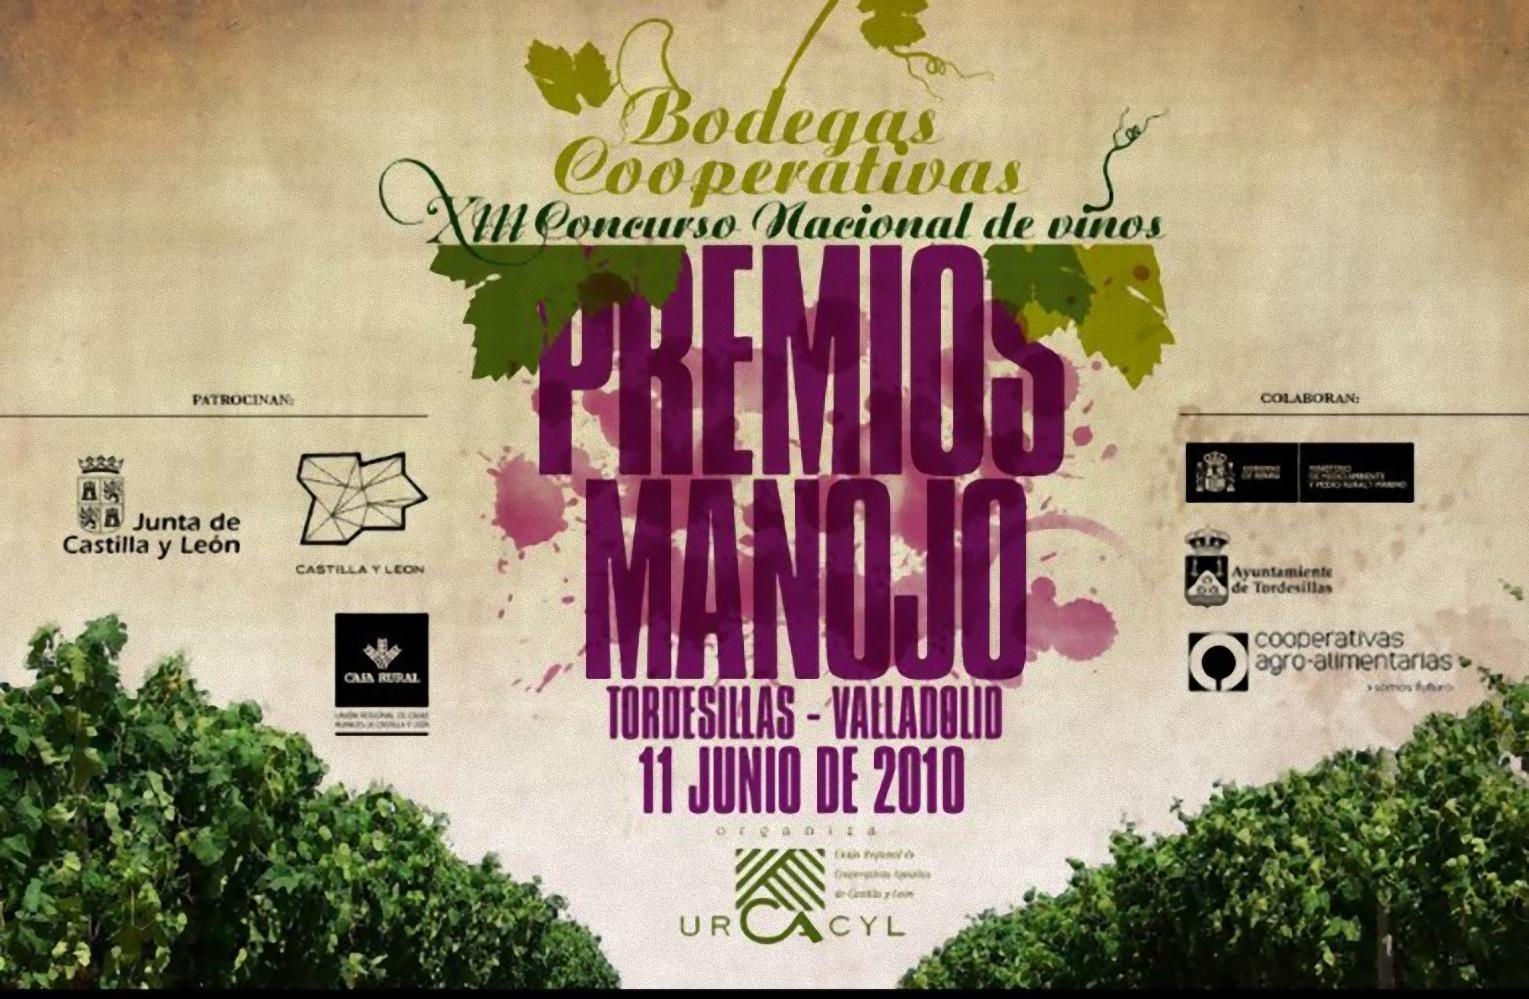 Premios Manojo 2010